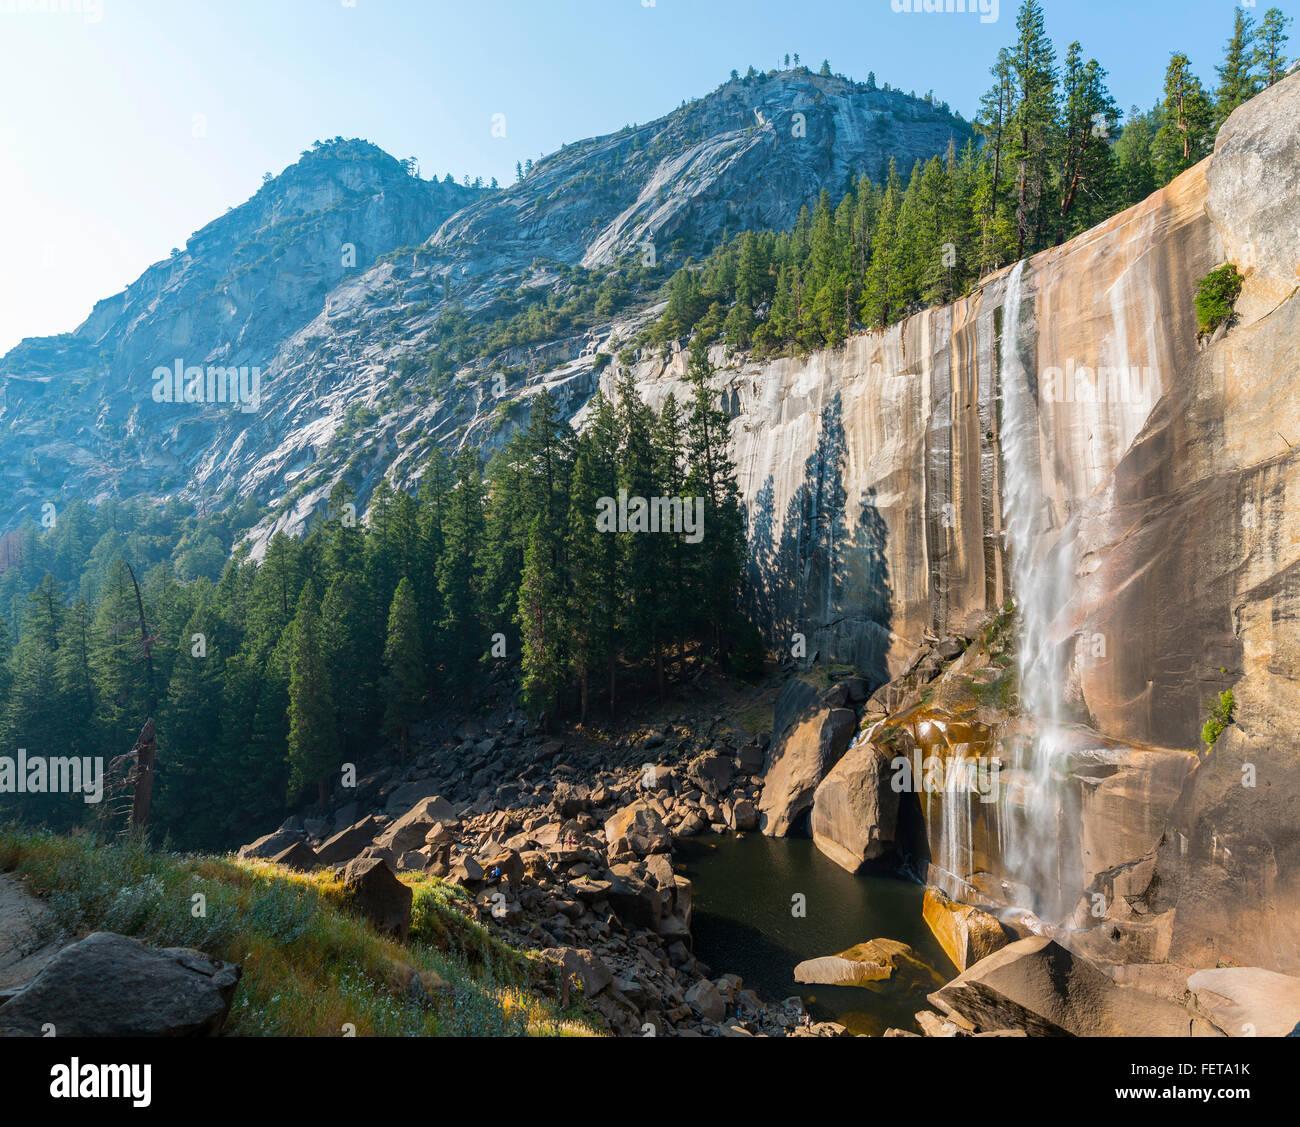 Caduta primaverile, Yosemite Valley, del Parco Nazionale Yosemite, UNESO Sito Patrimonio Mondiale, CALIFORNIA, STATI Immagini Stock